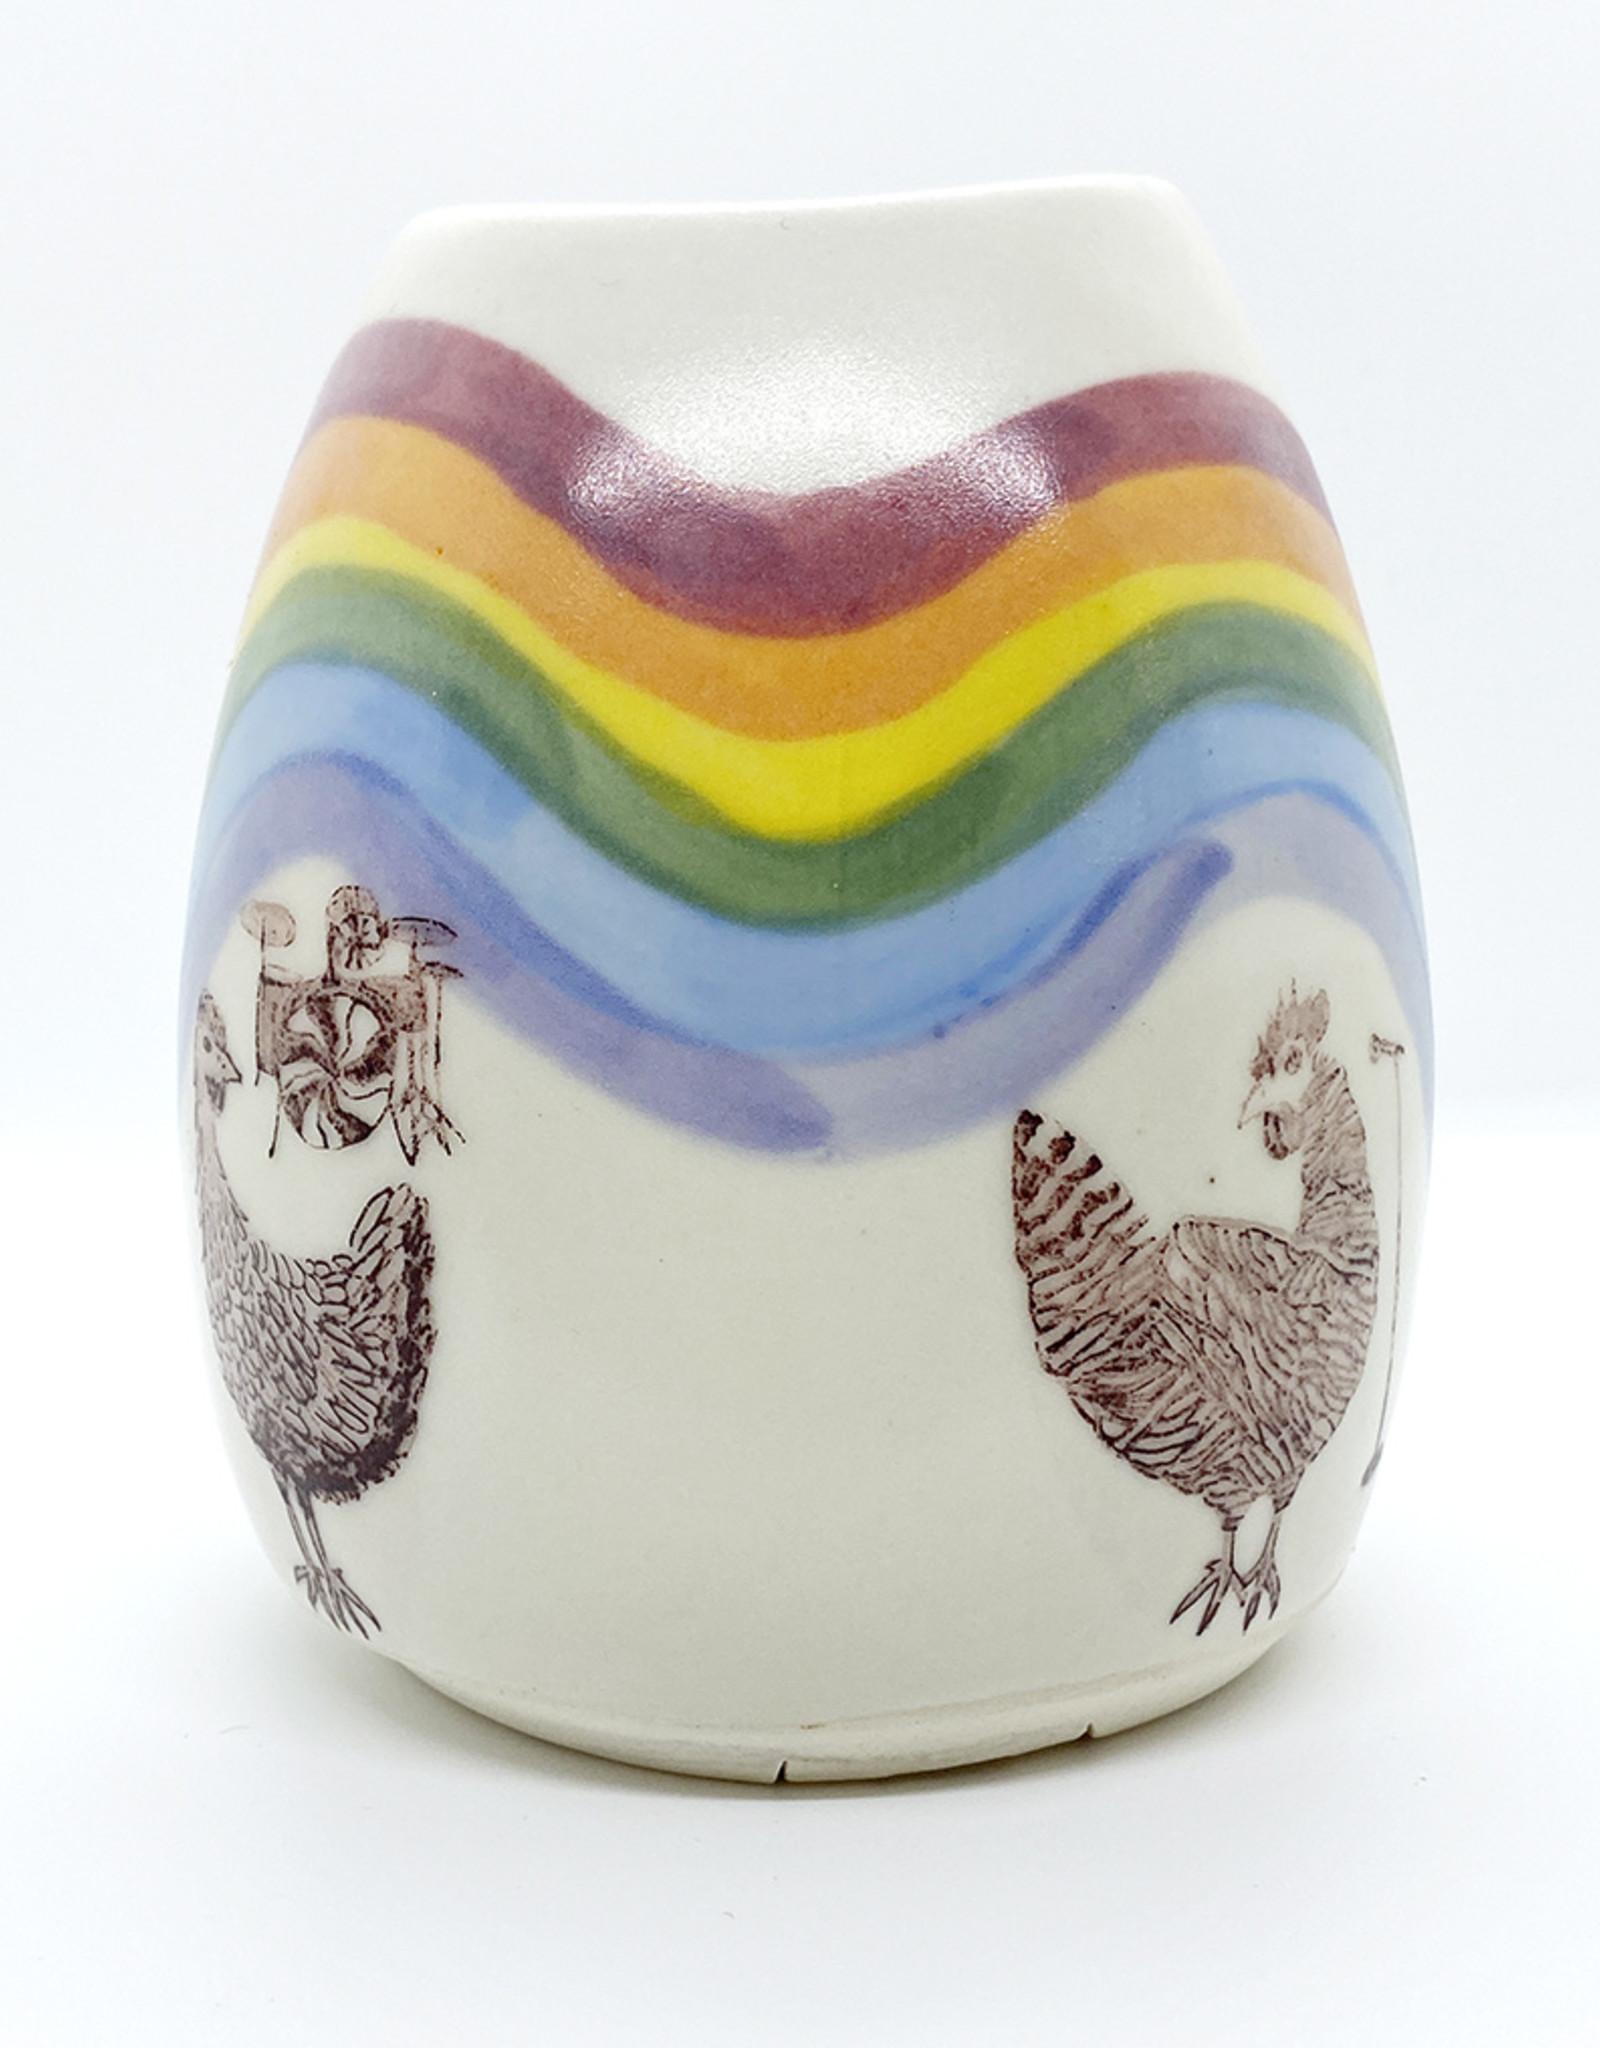 Melanie Harvey Pottery Stoneware Vases by Melanie Harvey Pottery